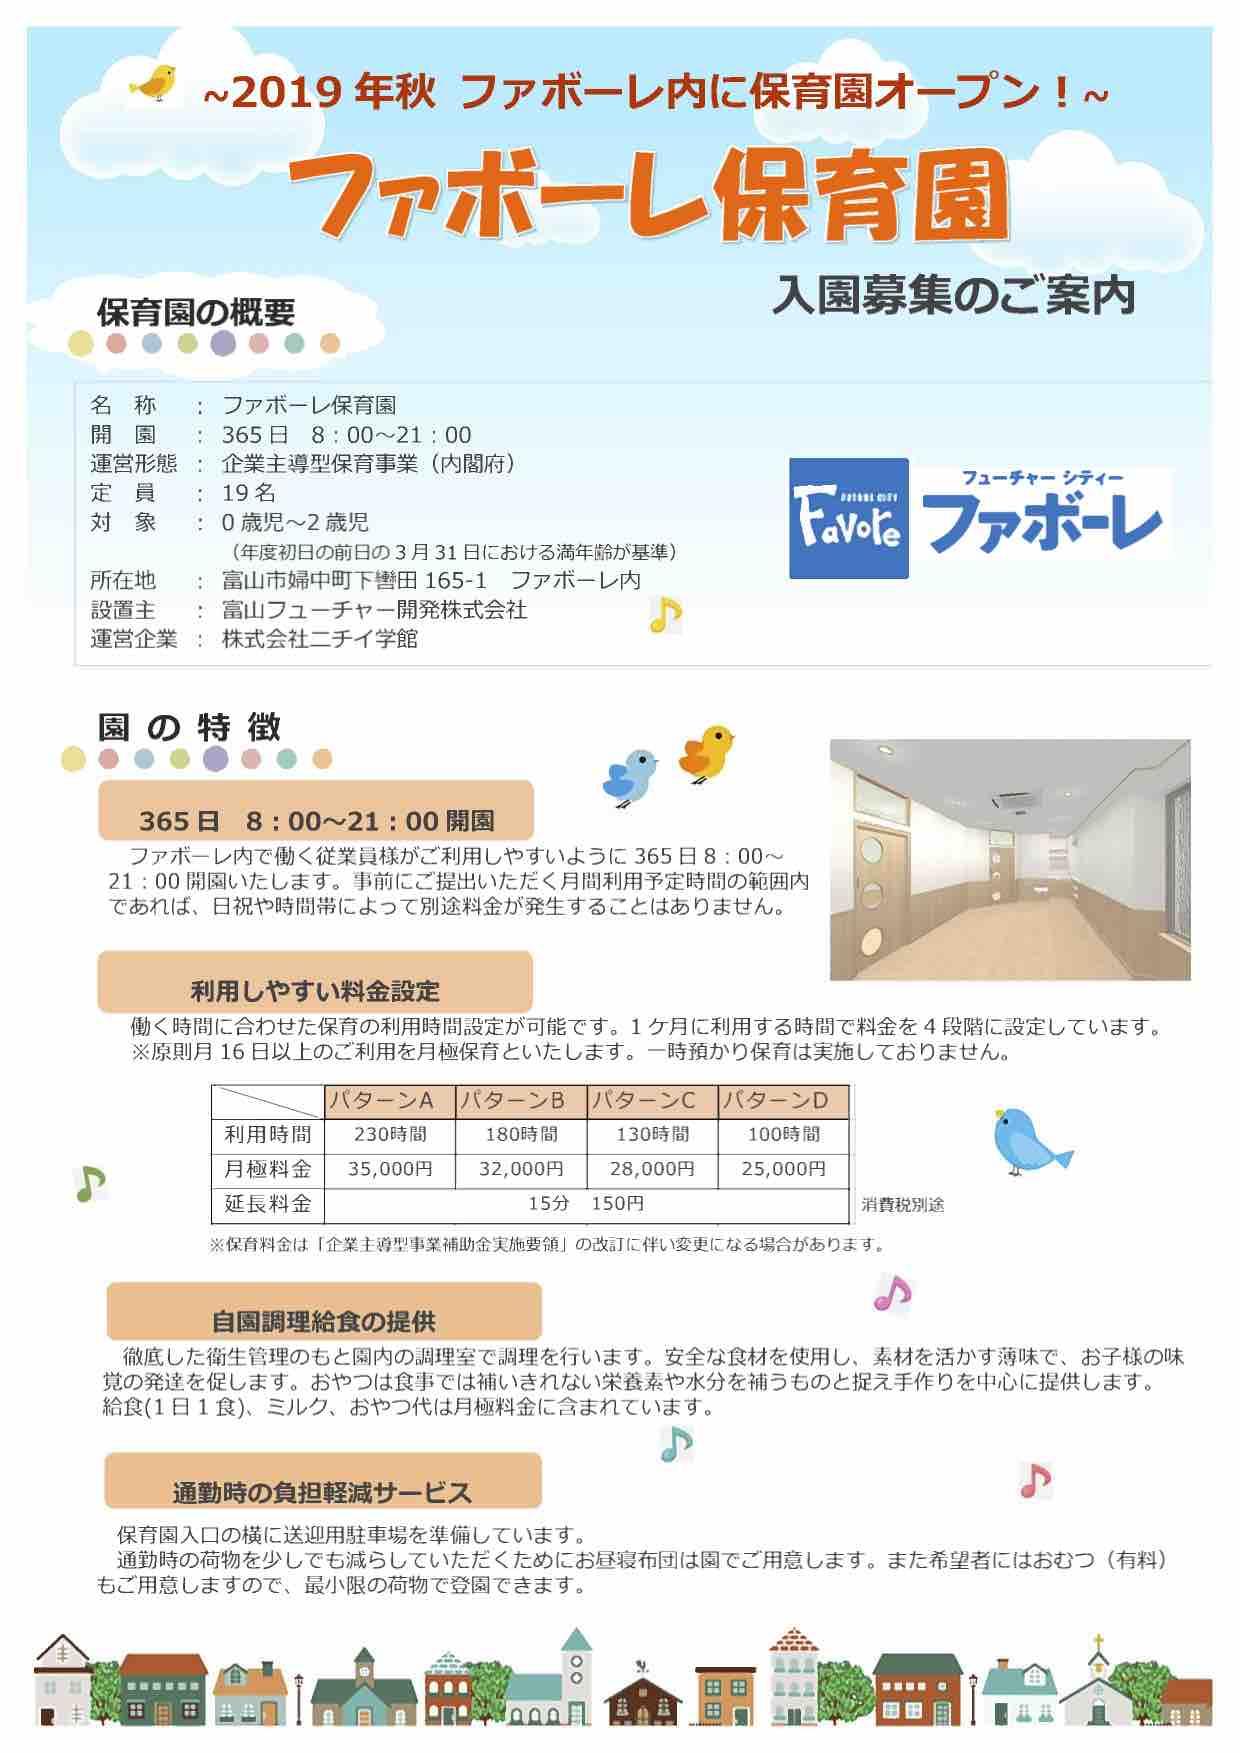 ファボーレ 富山 新 店舗